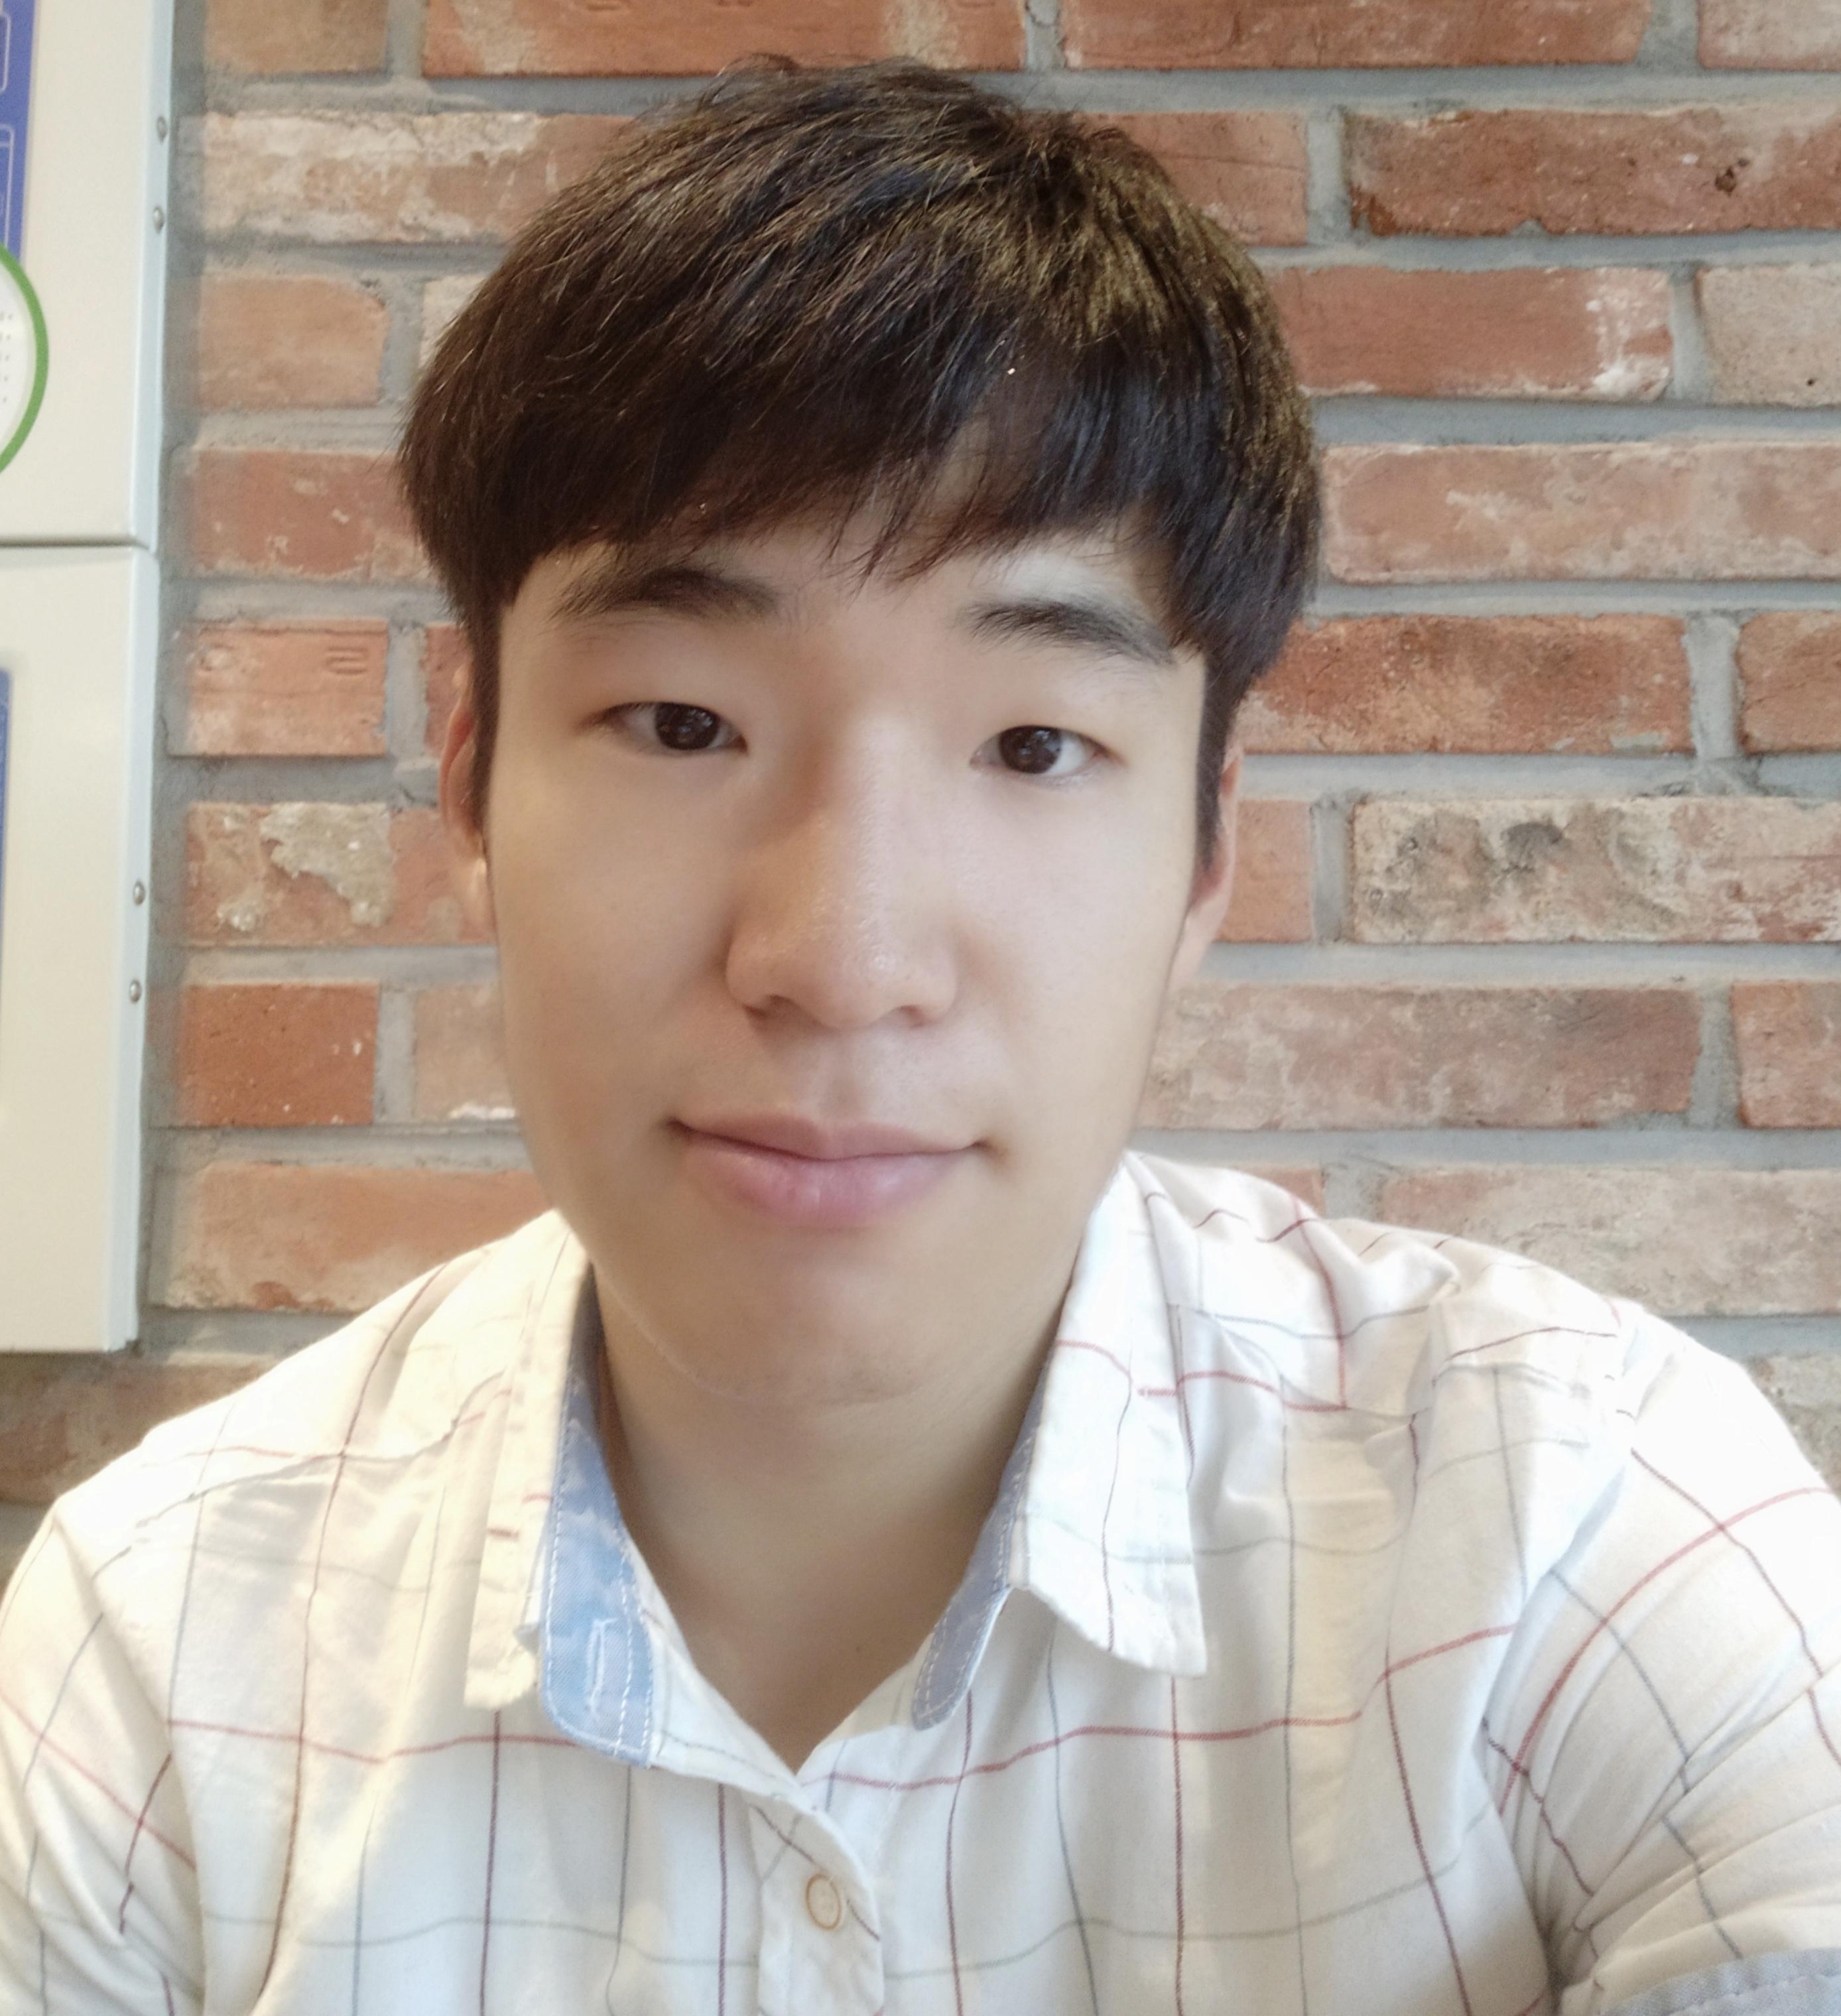 KyoungOh Kim